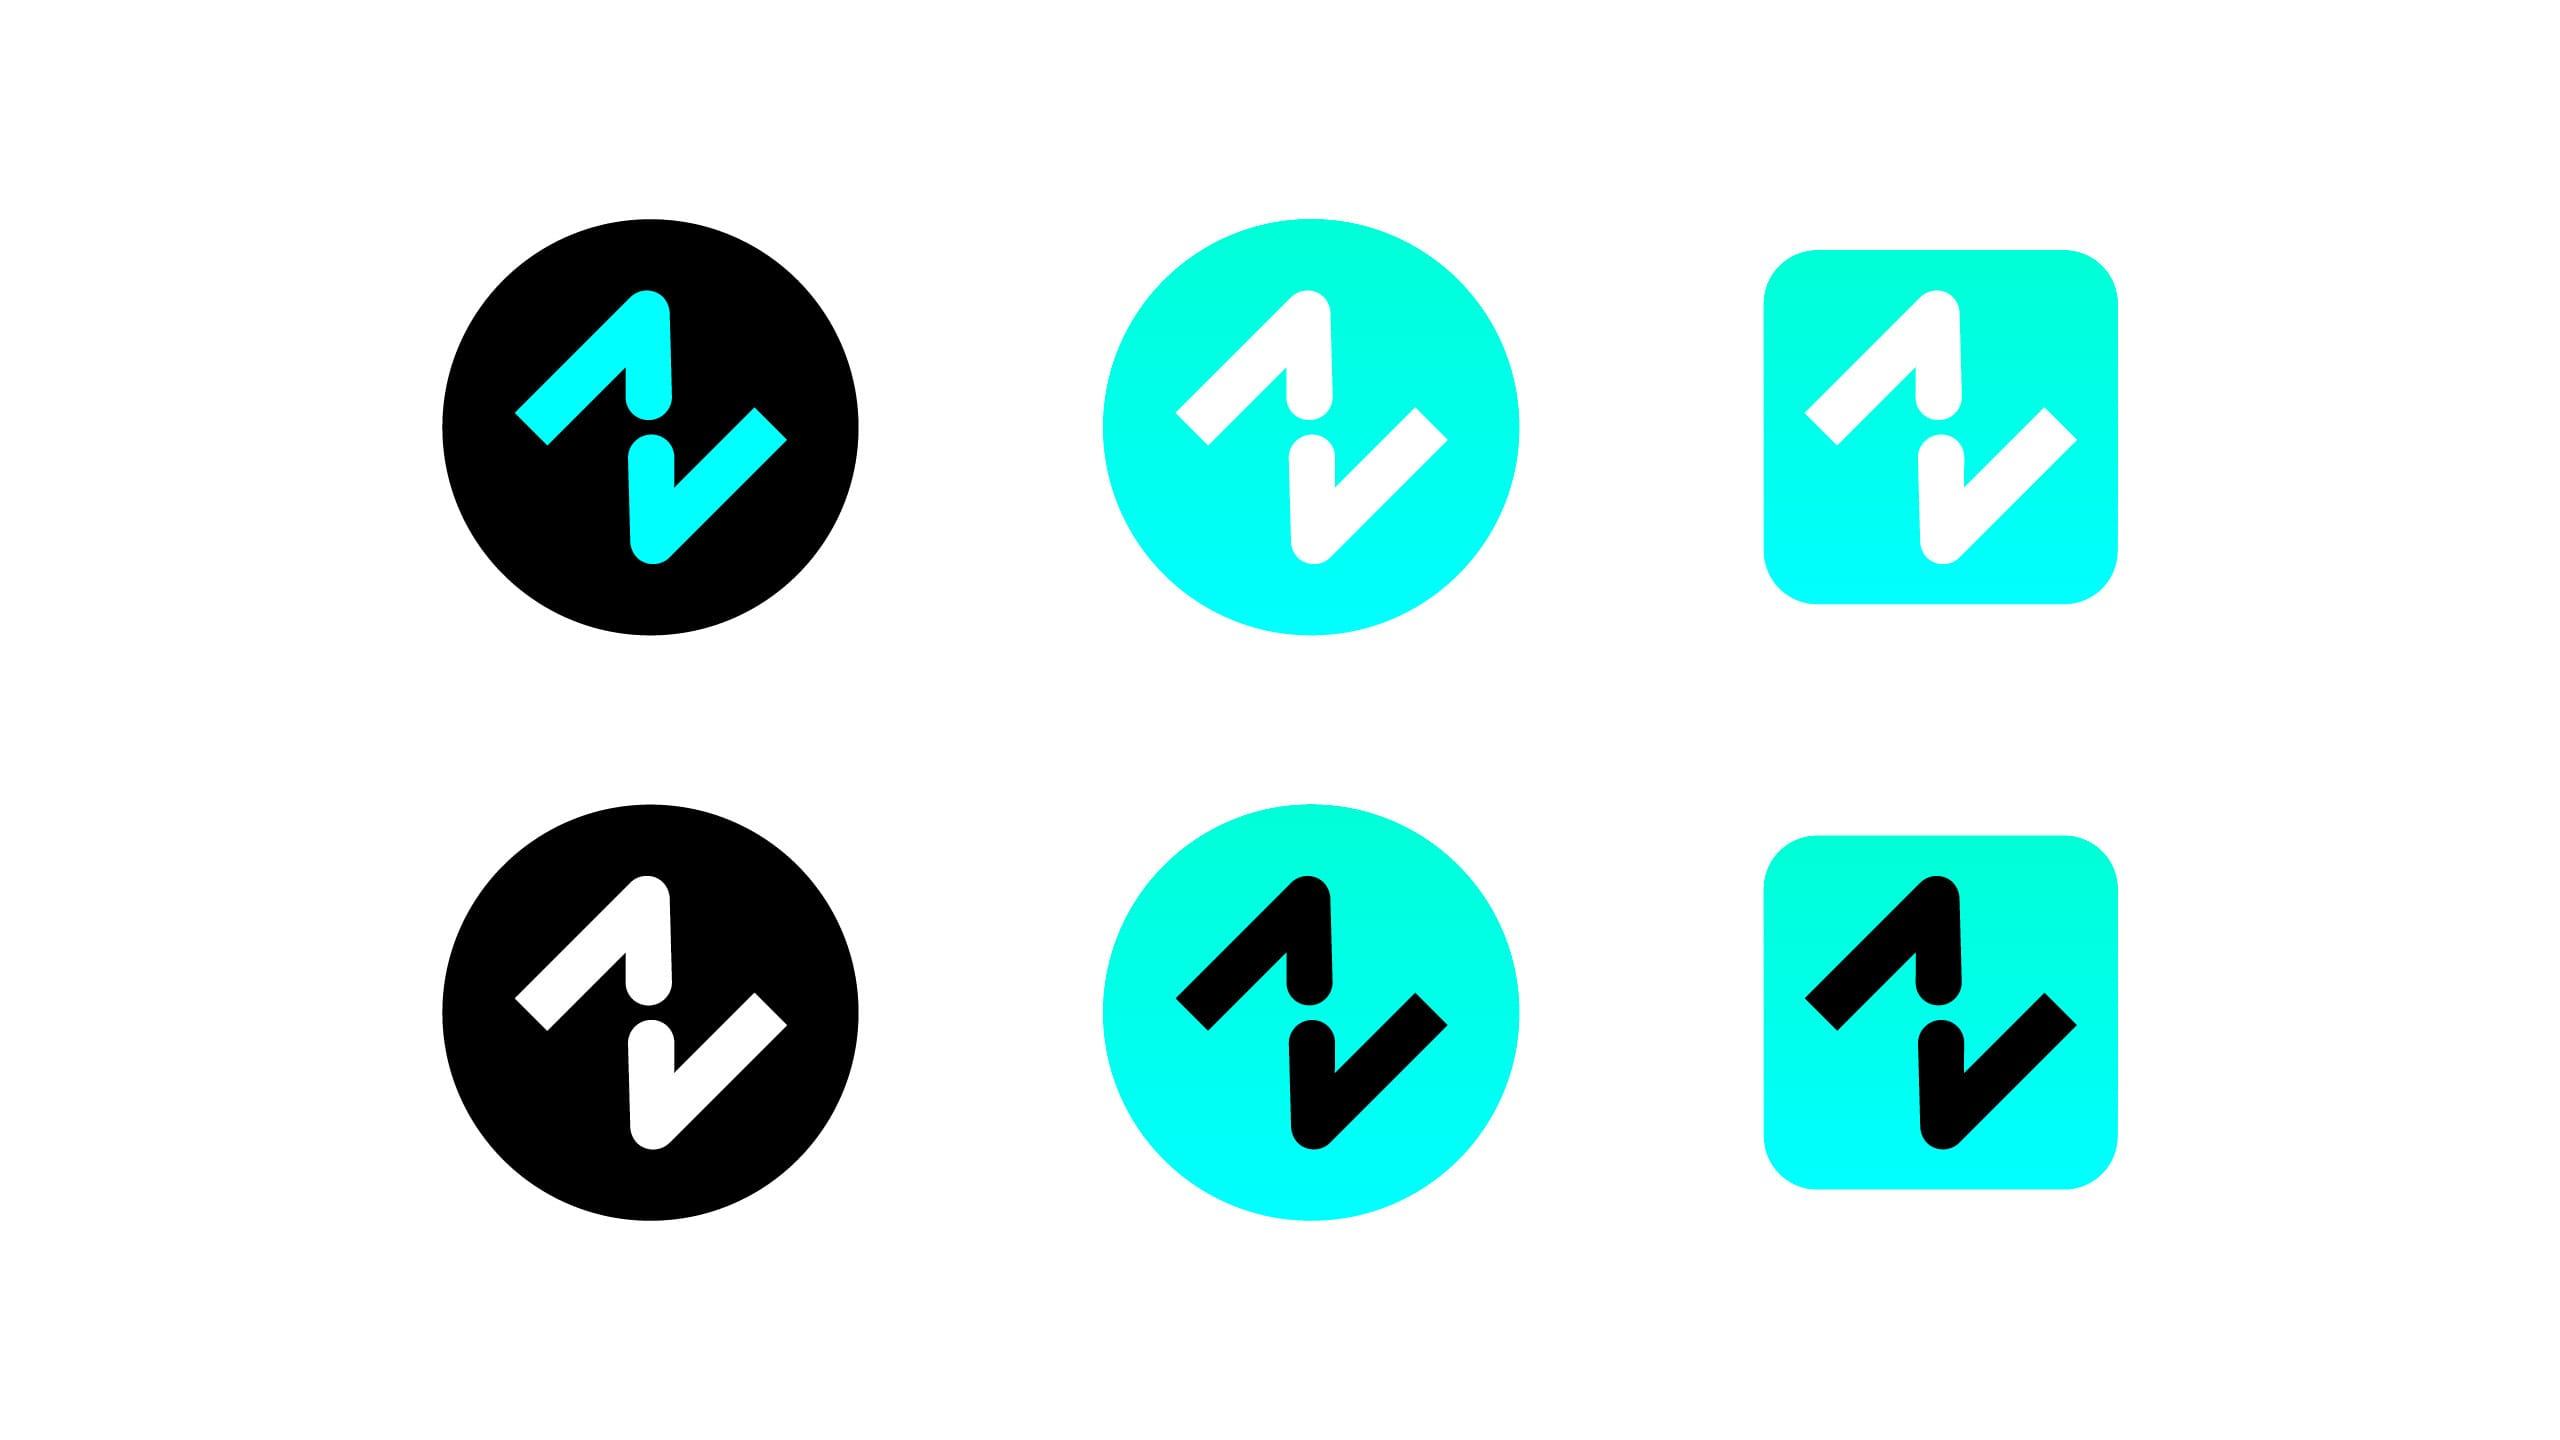 ZUNY-5-icons